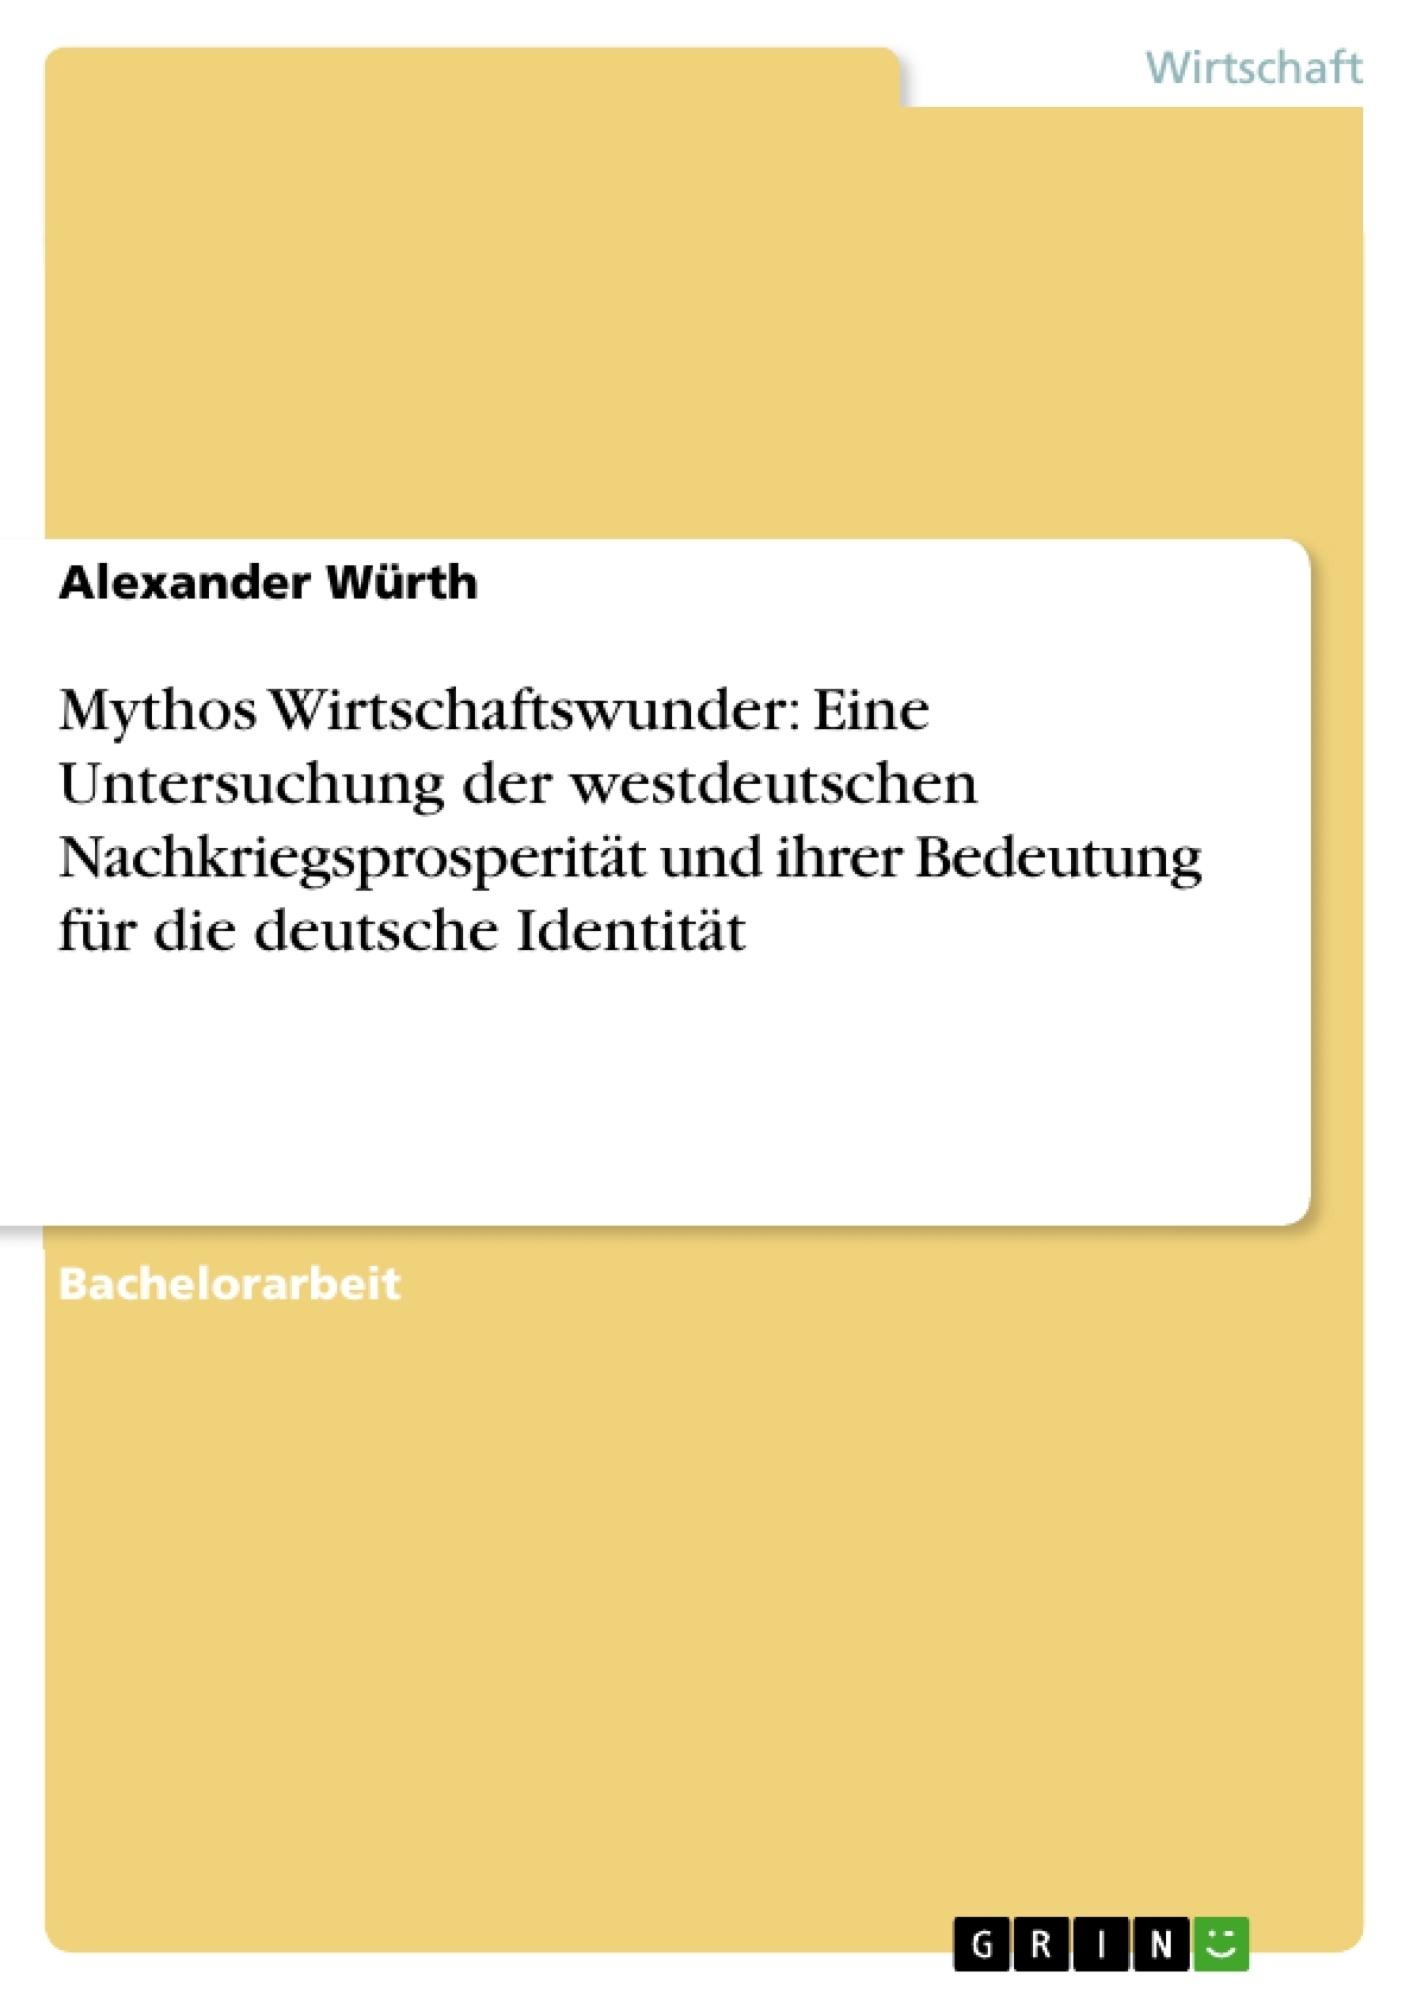 Titel: Mythos Wirtschaftswunder: Eine Untersuchung der westdeutschen Nachkriegsprosperität und ihrer Bedeutung für die deutsche Identität